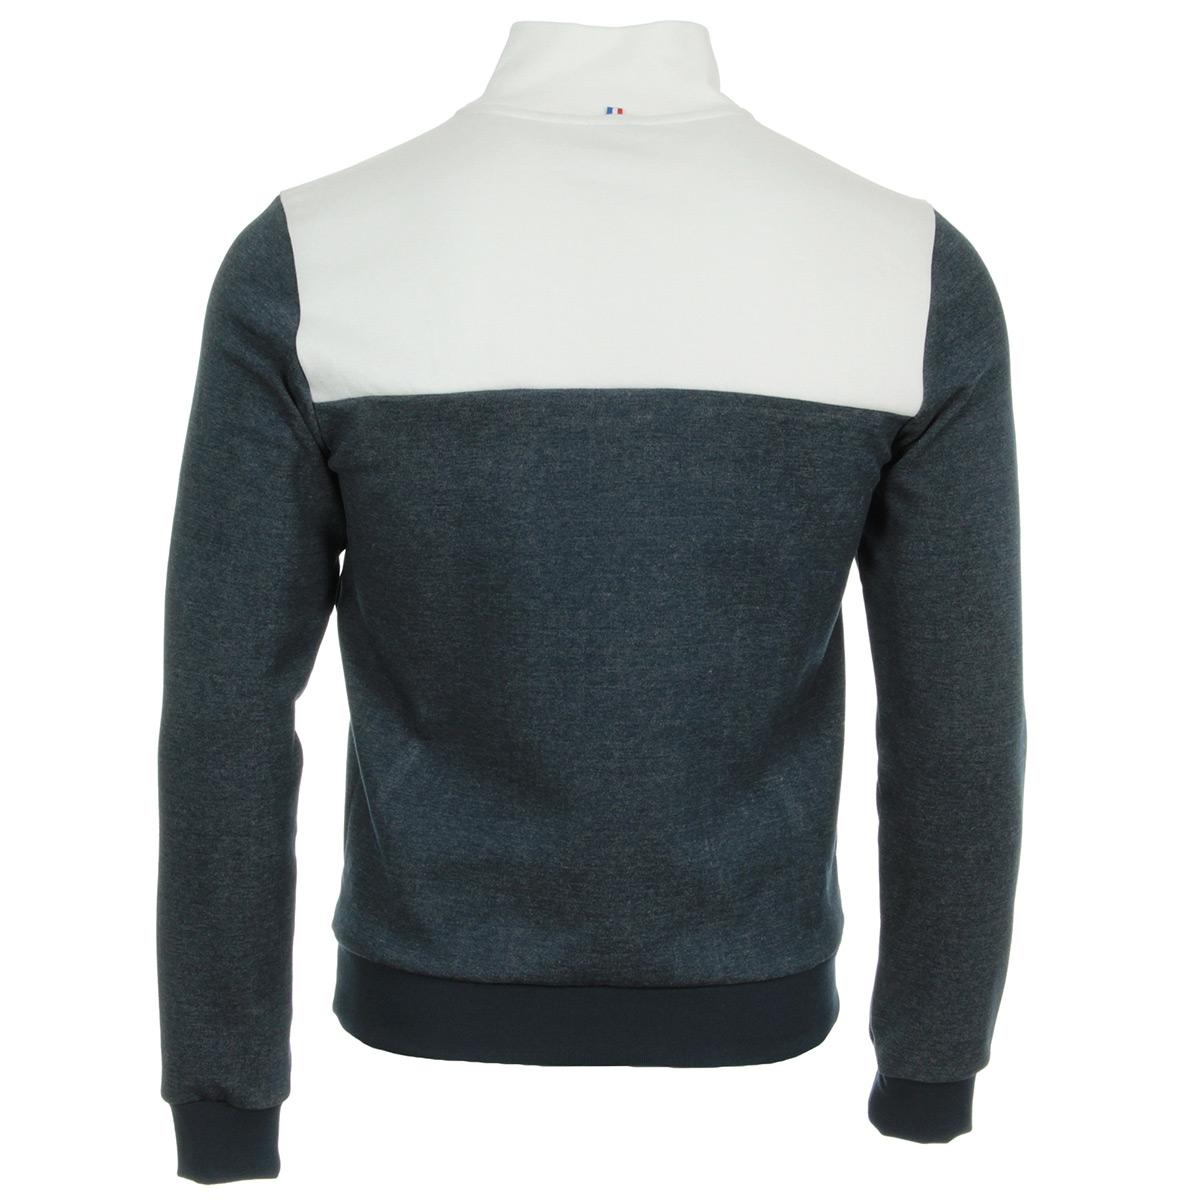 Le Coq Sportif Tri Sweat 1/2 Zip N°1 1810458, Sweats homme